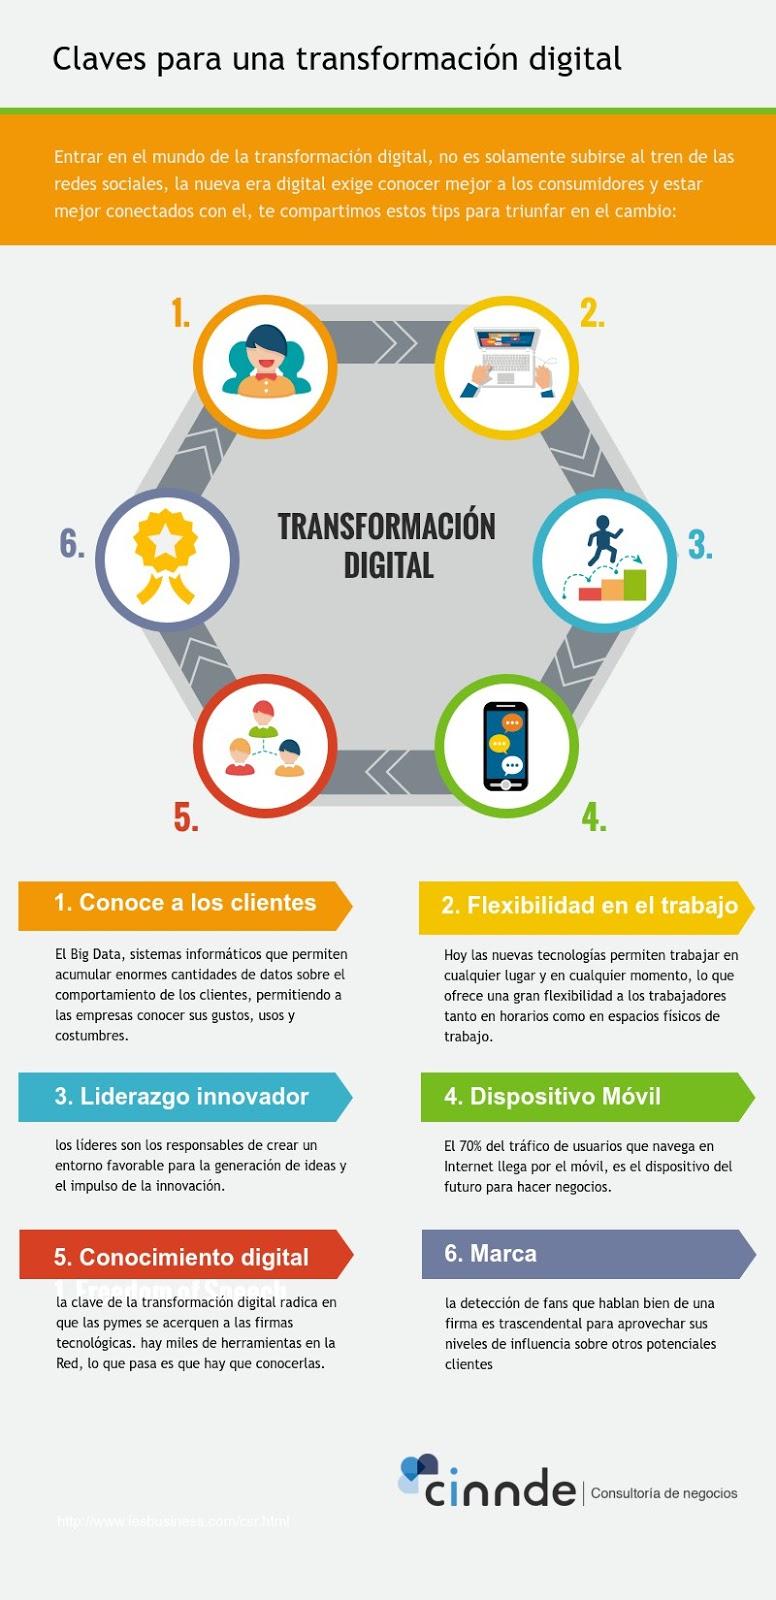 Claves para una transformación digital